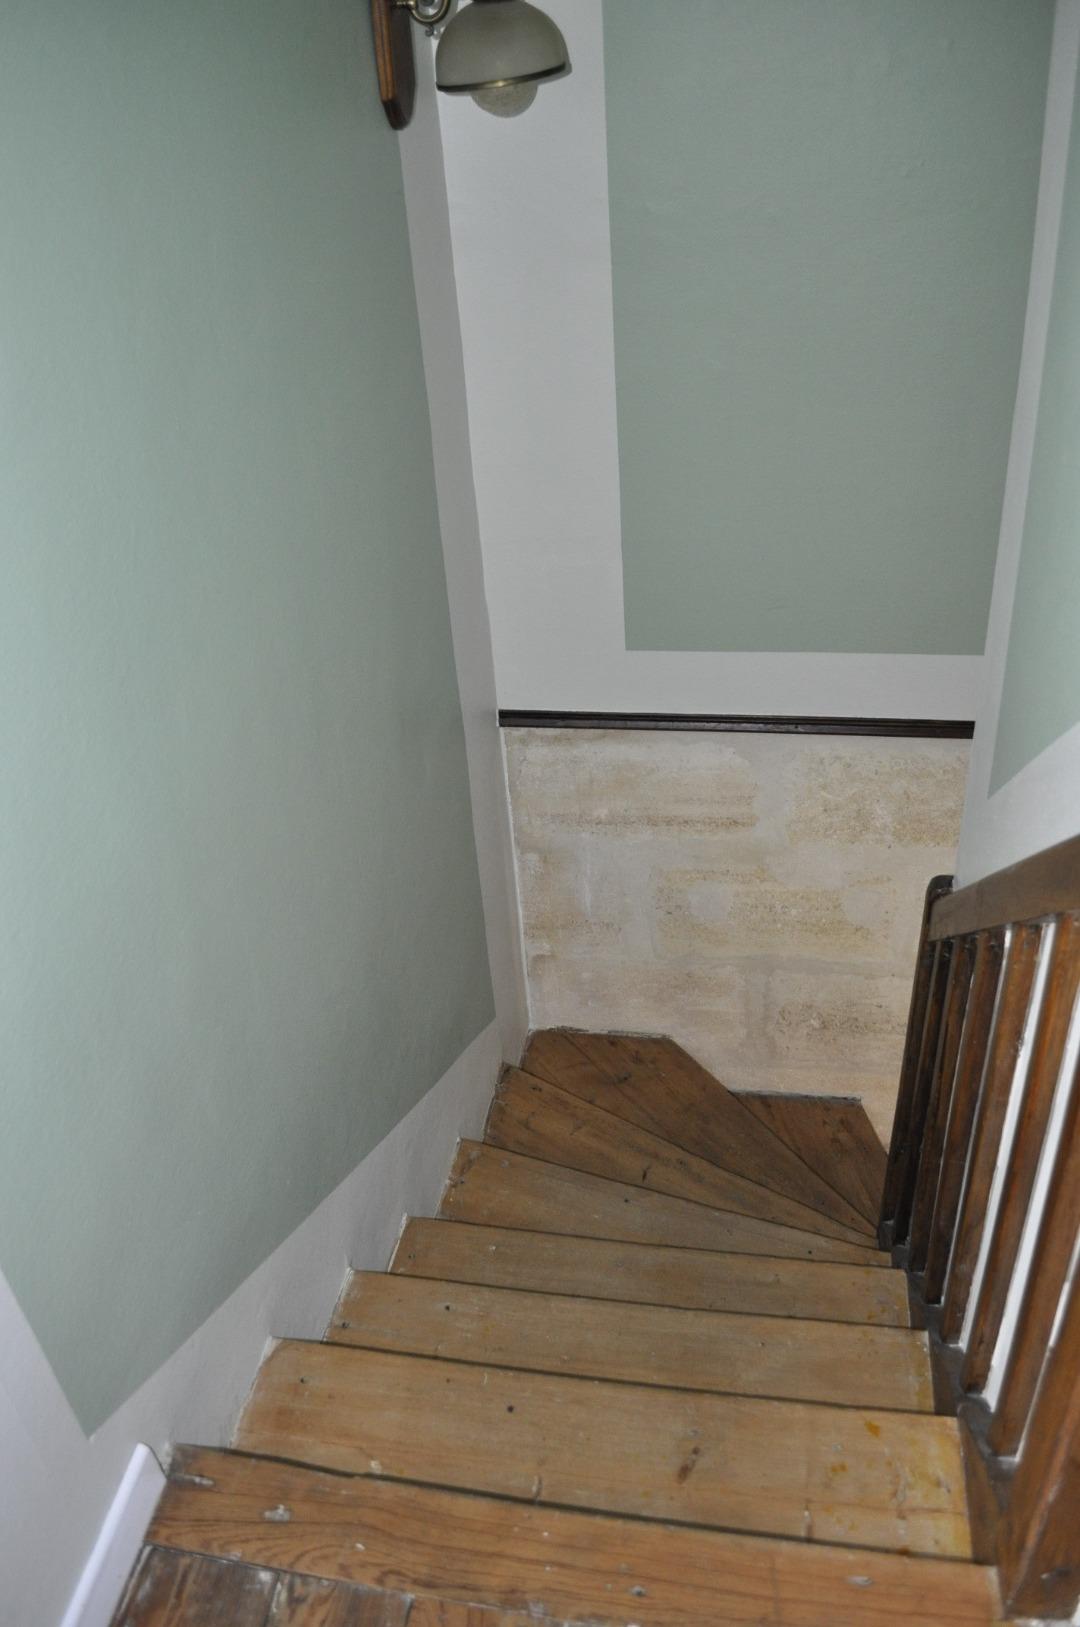 Location de chambre d'hôte à Ludon-Médoc